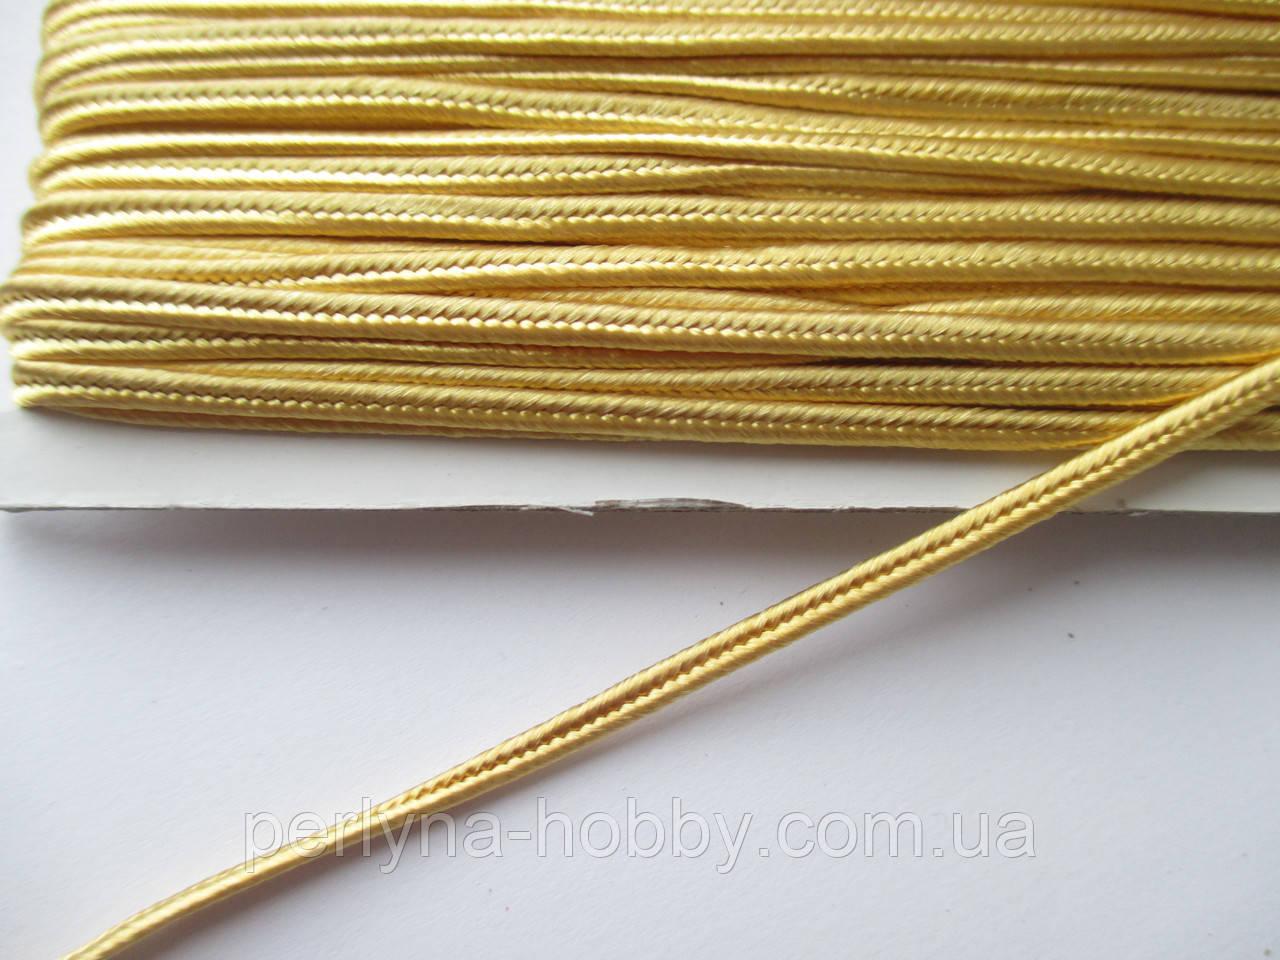 Сутаж 3 мм, бежево-золотстий  118